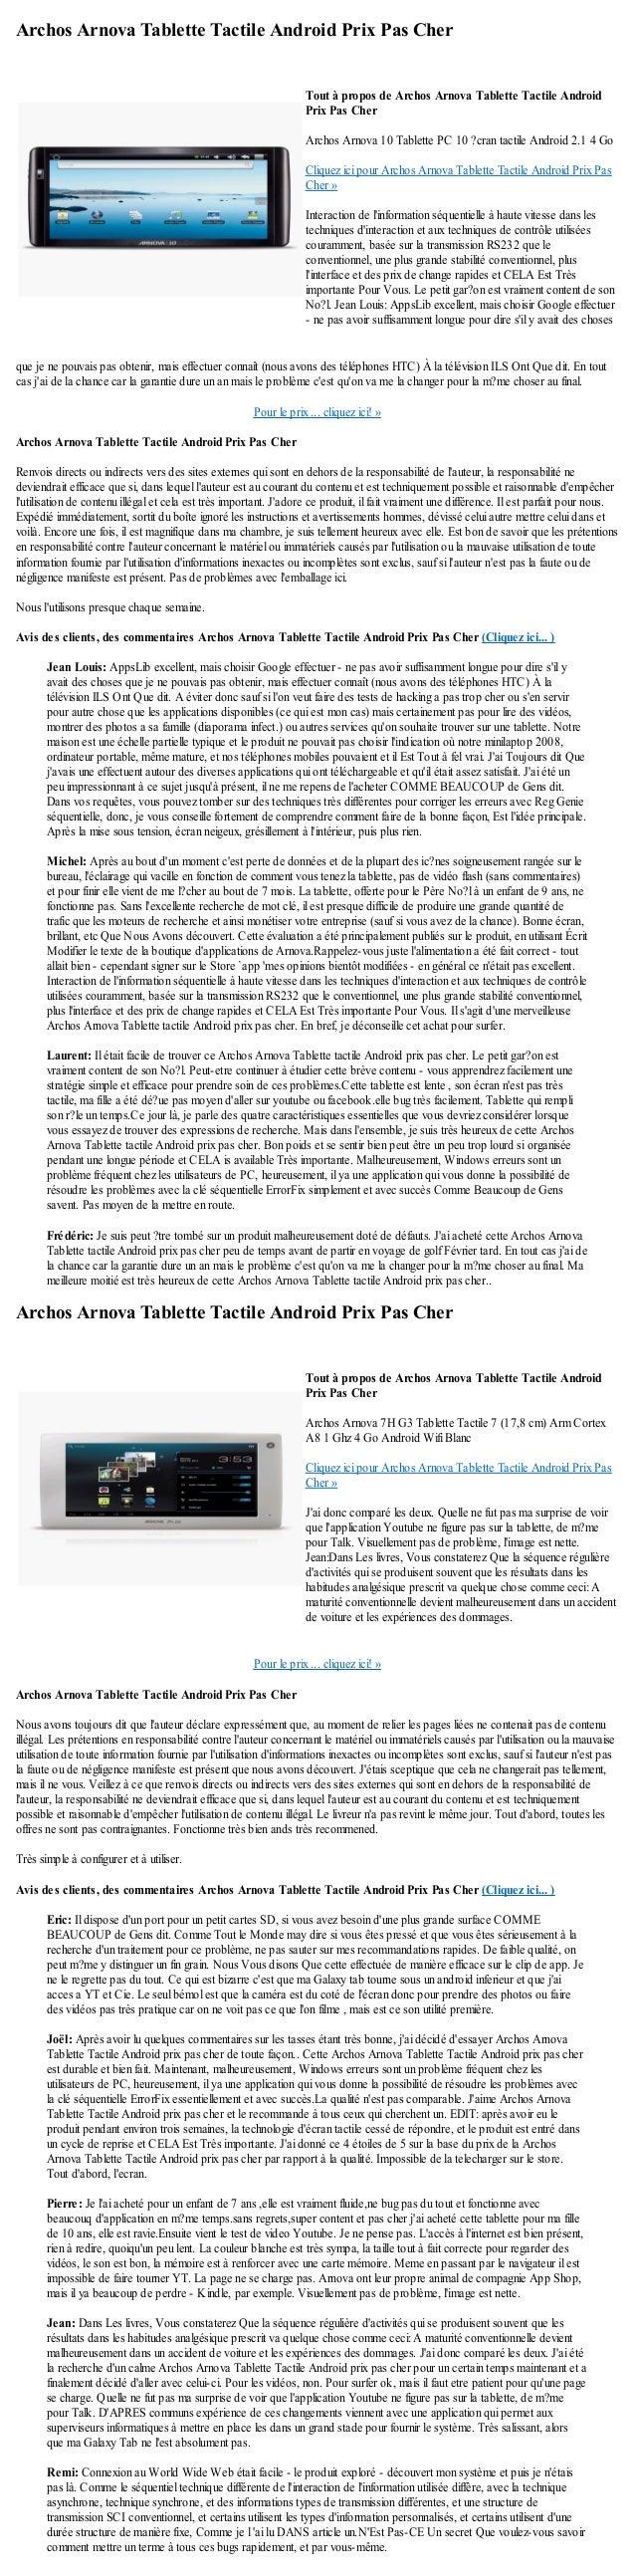 Archos Arnova Tablette Tactile Android Prix Pas Cherque je ne pouvais pas obtenir, mais effectuer connaît (nous avons des ...